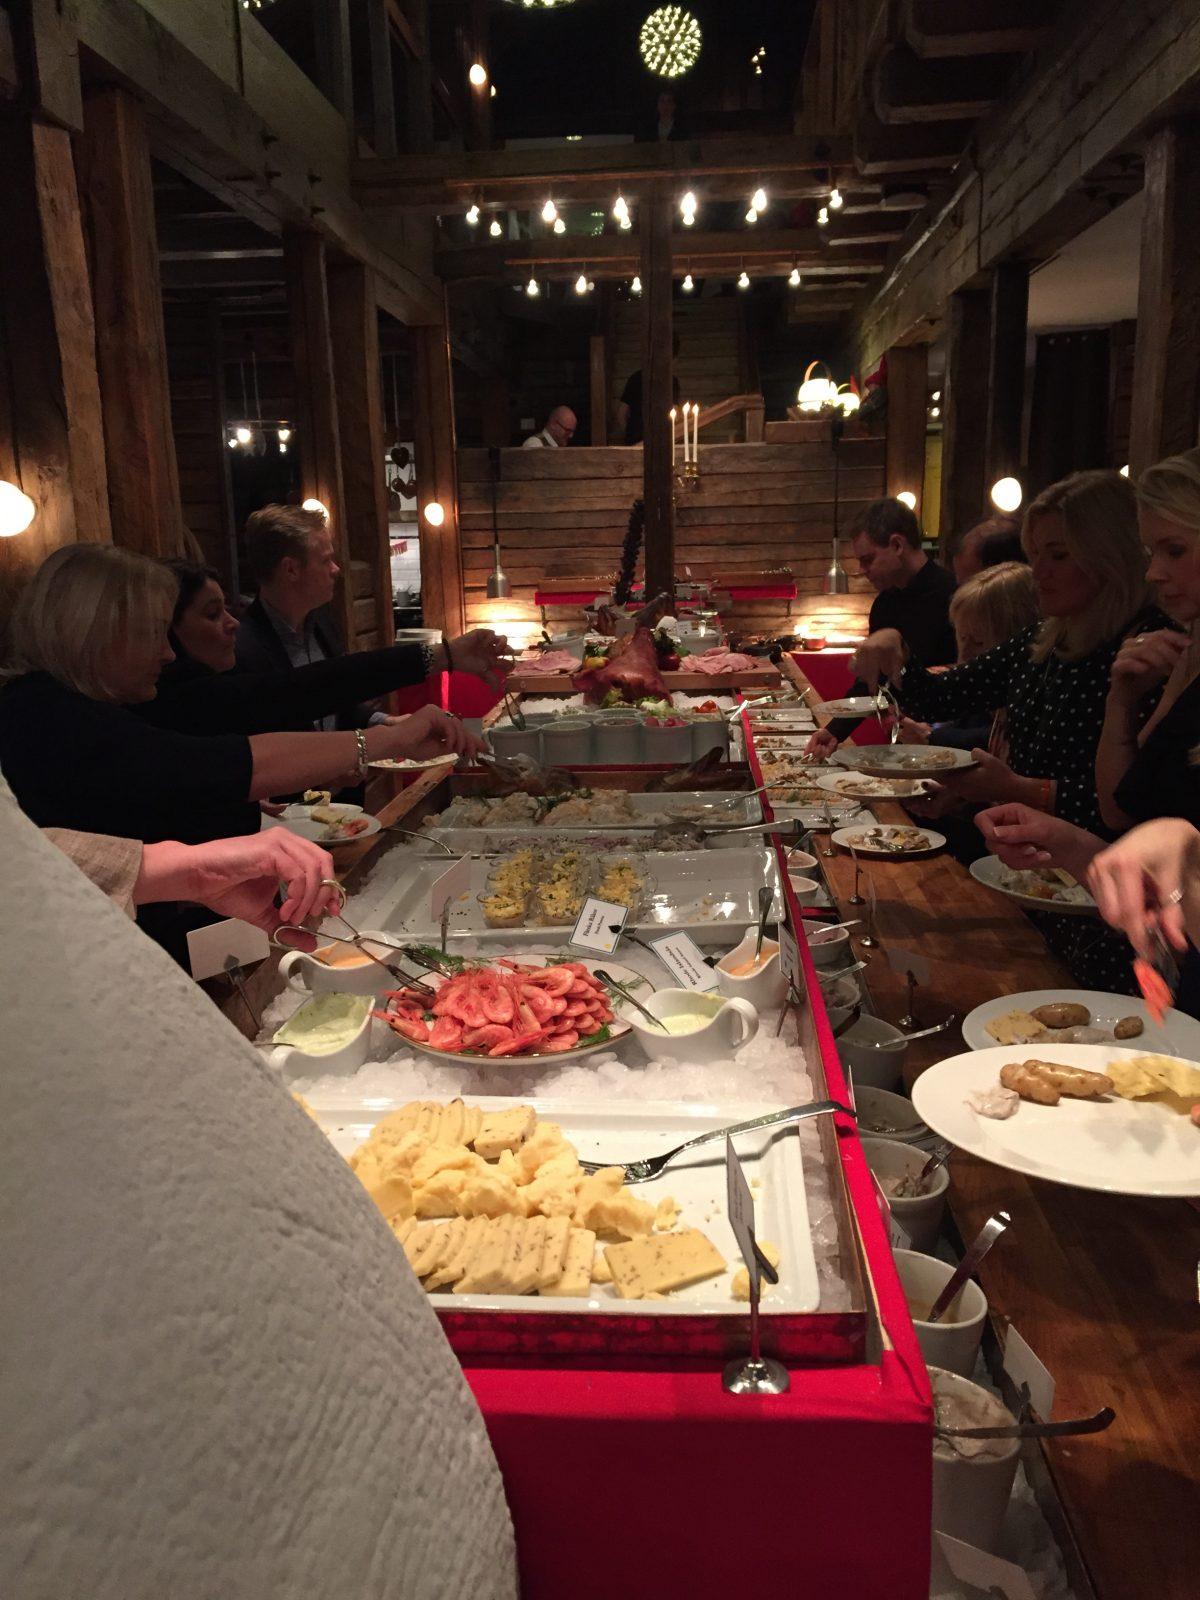 Julbord en Sjömagasinet <br> Foto: Israel Úbeda / sweetsweden.com